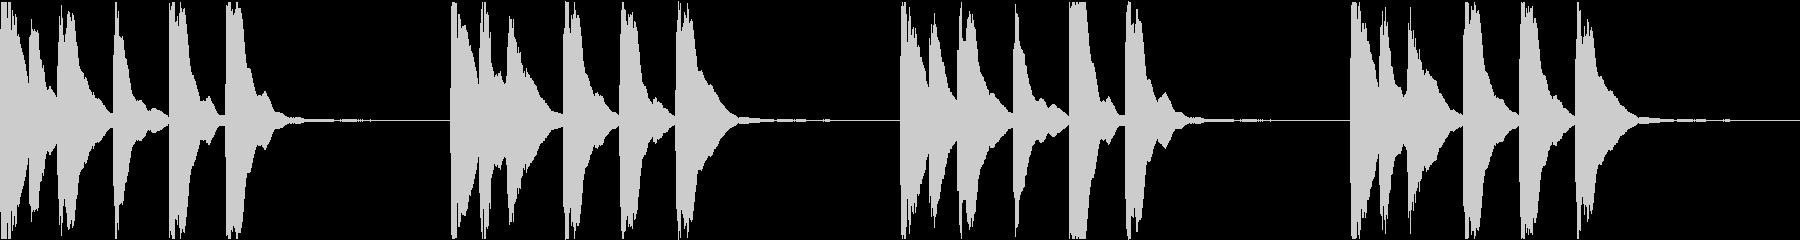 シンプル ベル 着信音 チャイム C-2の未再生の波形